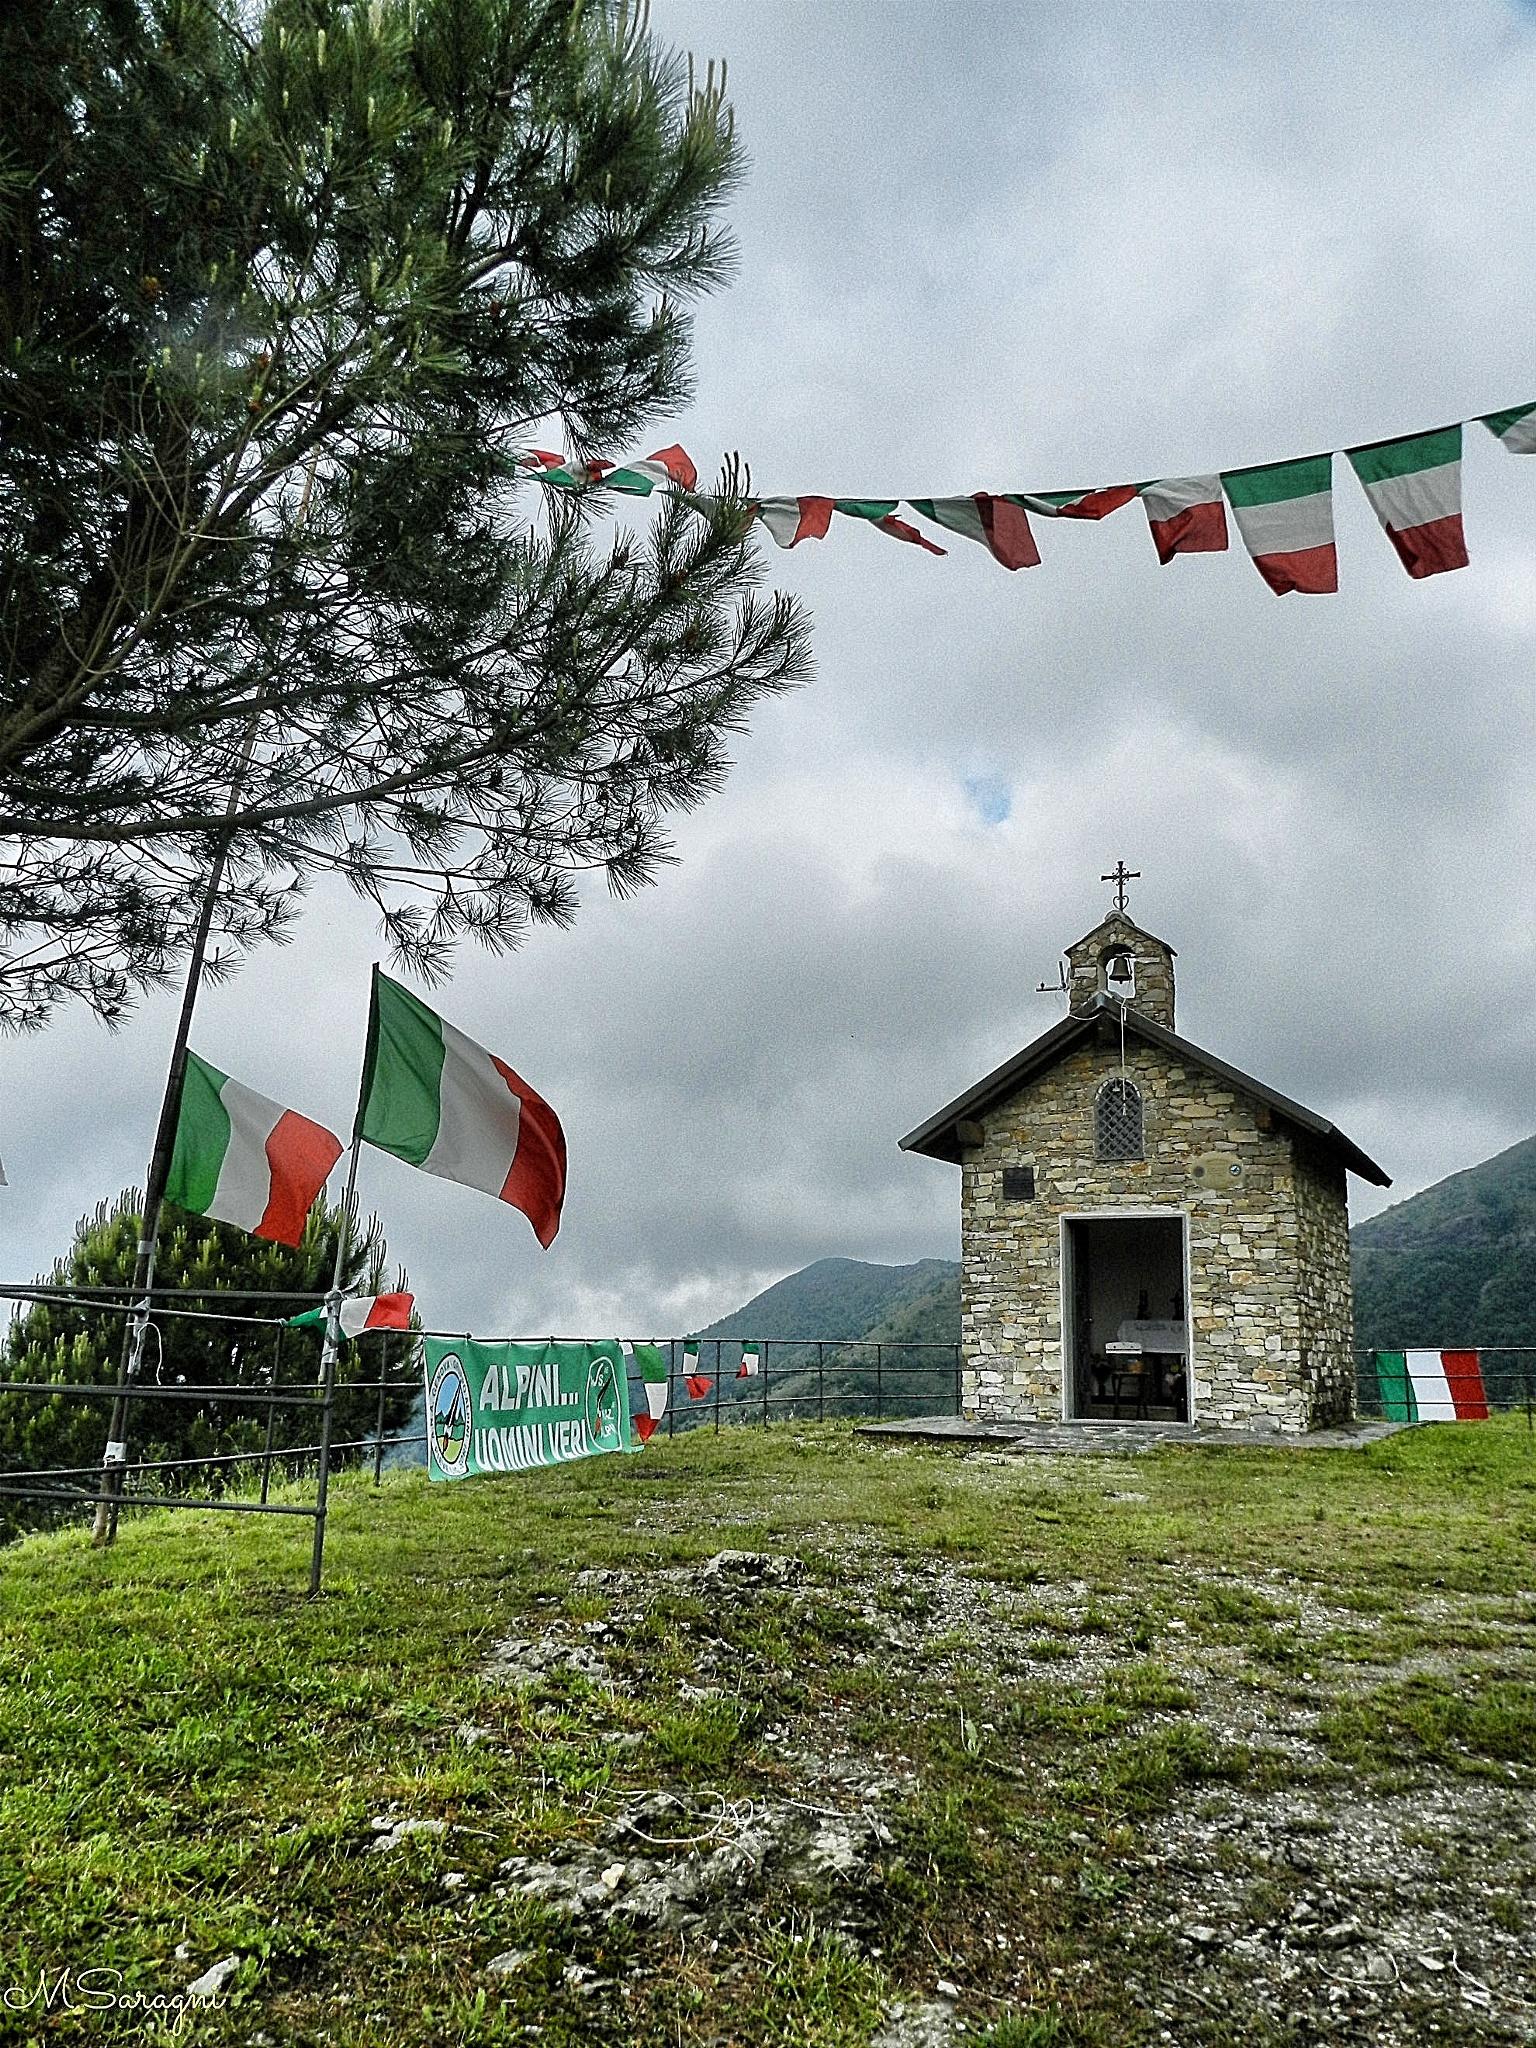 Monte Cornua by Marisa Saragni